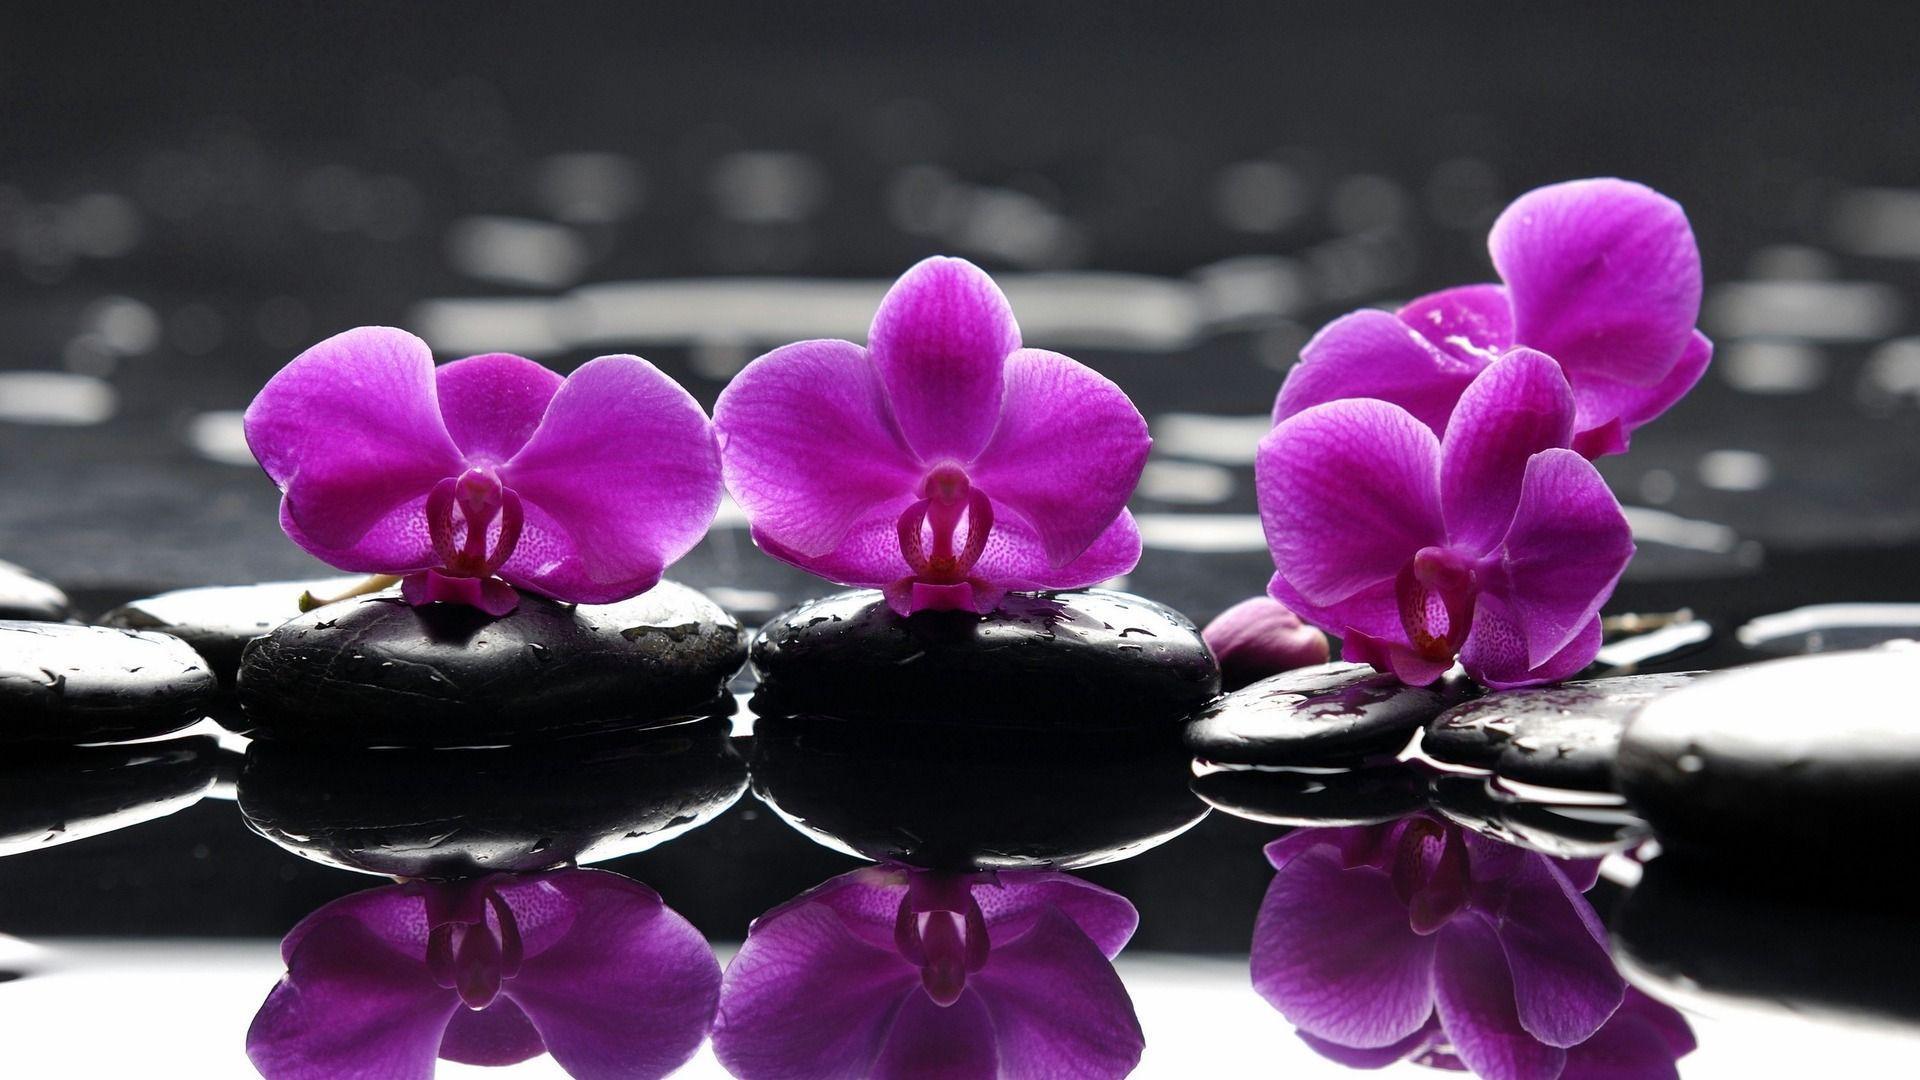 hinh nen hoa lan dep 20